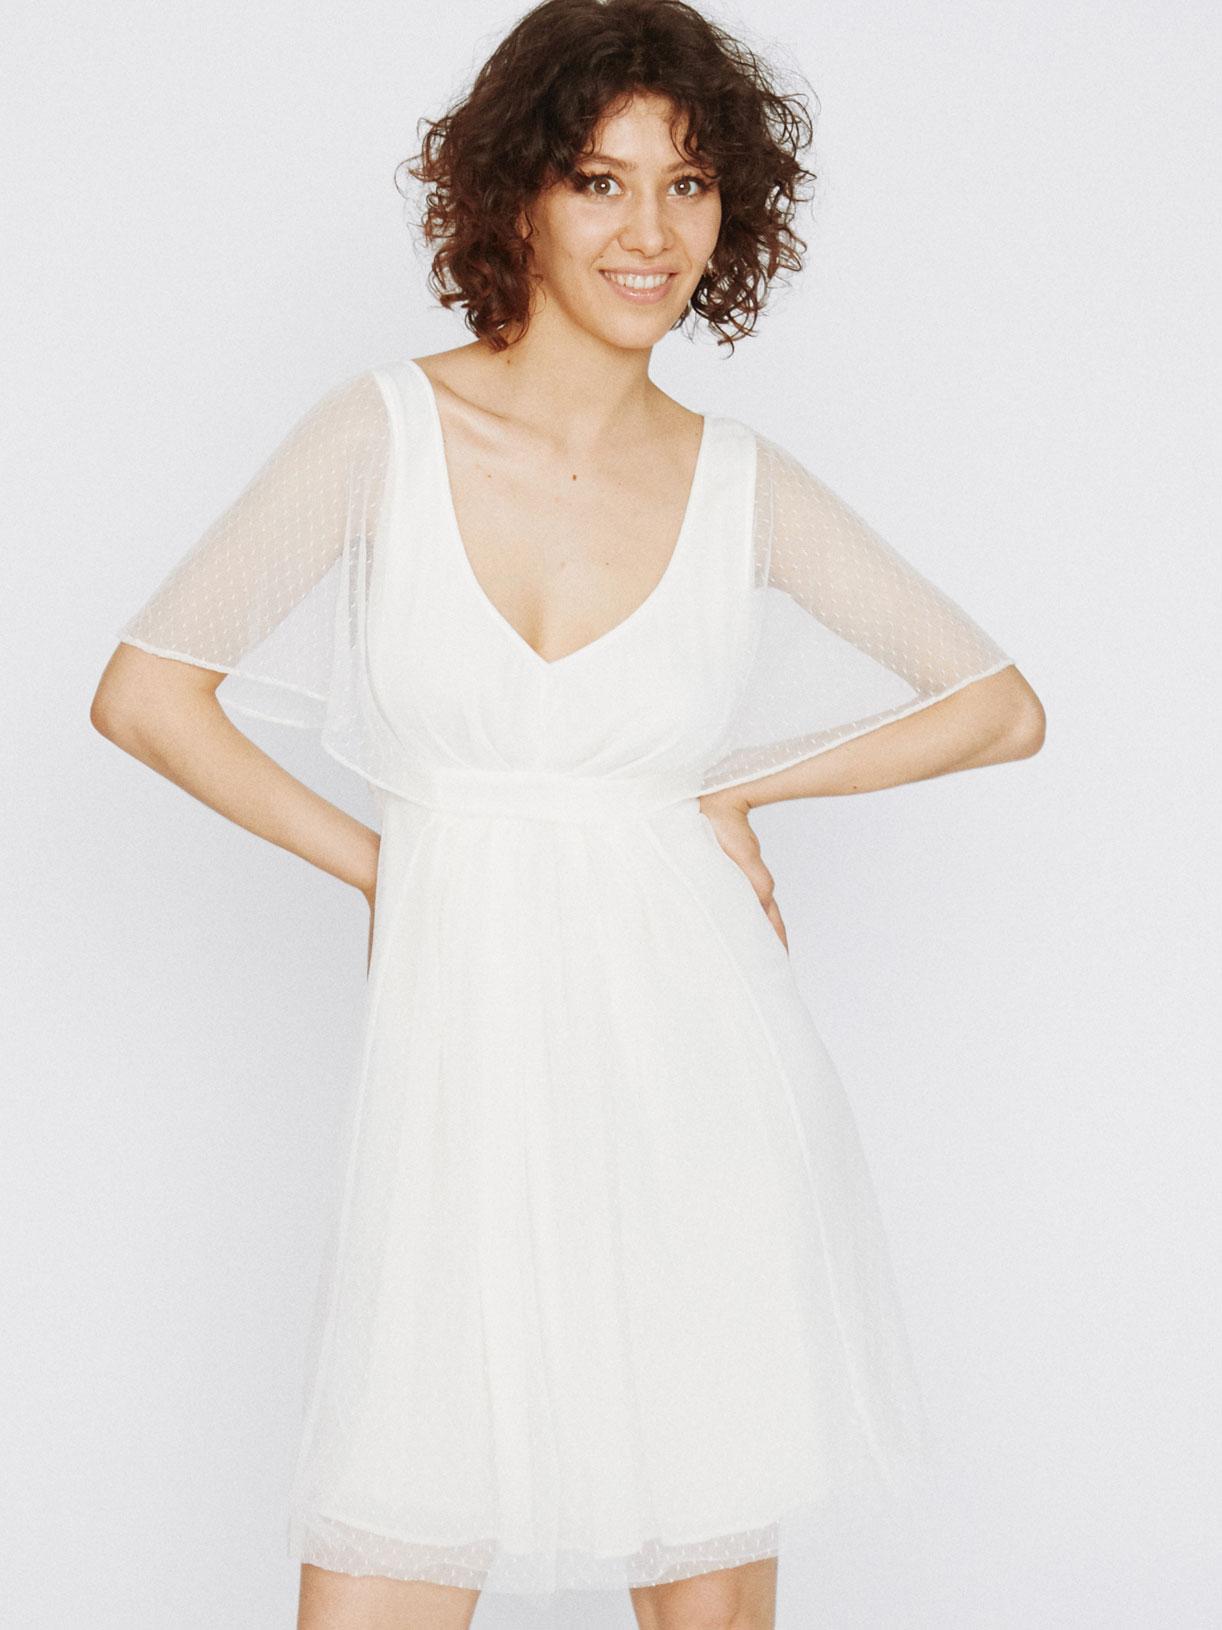 Robe mariee boheme pour mariage écoresponsable - Creatrice de robe de mariée éthique et bio a Paris - Myphilosophy civil